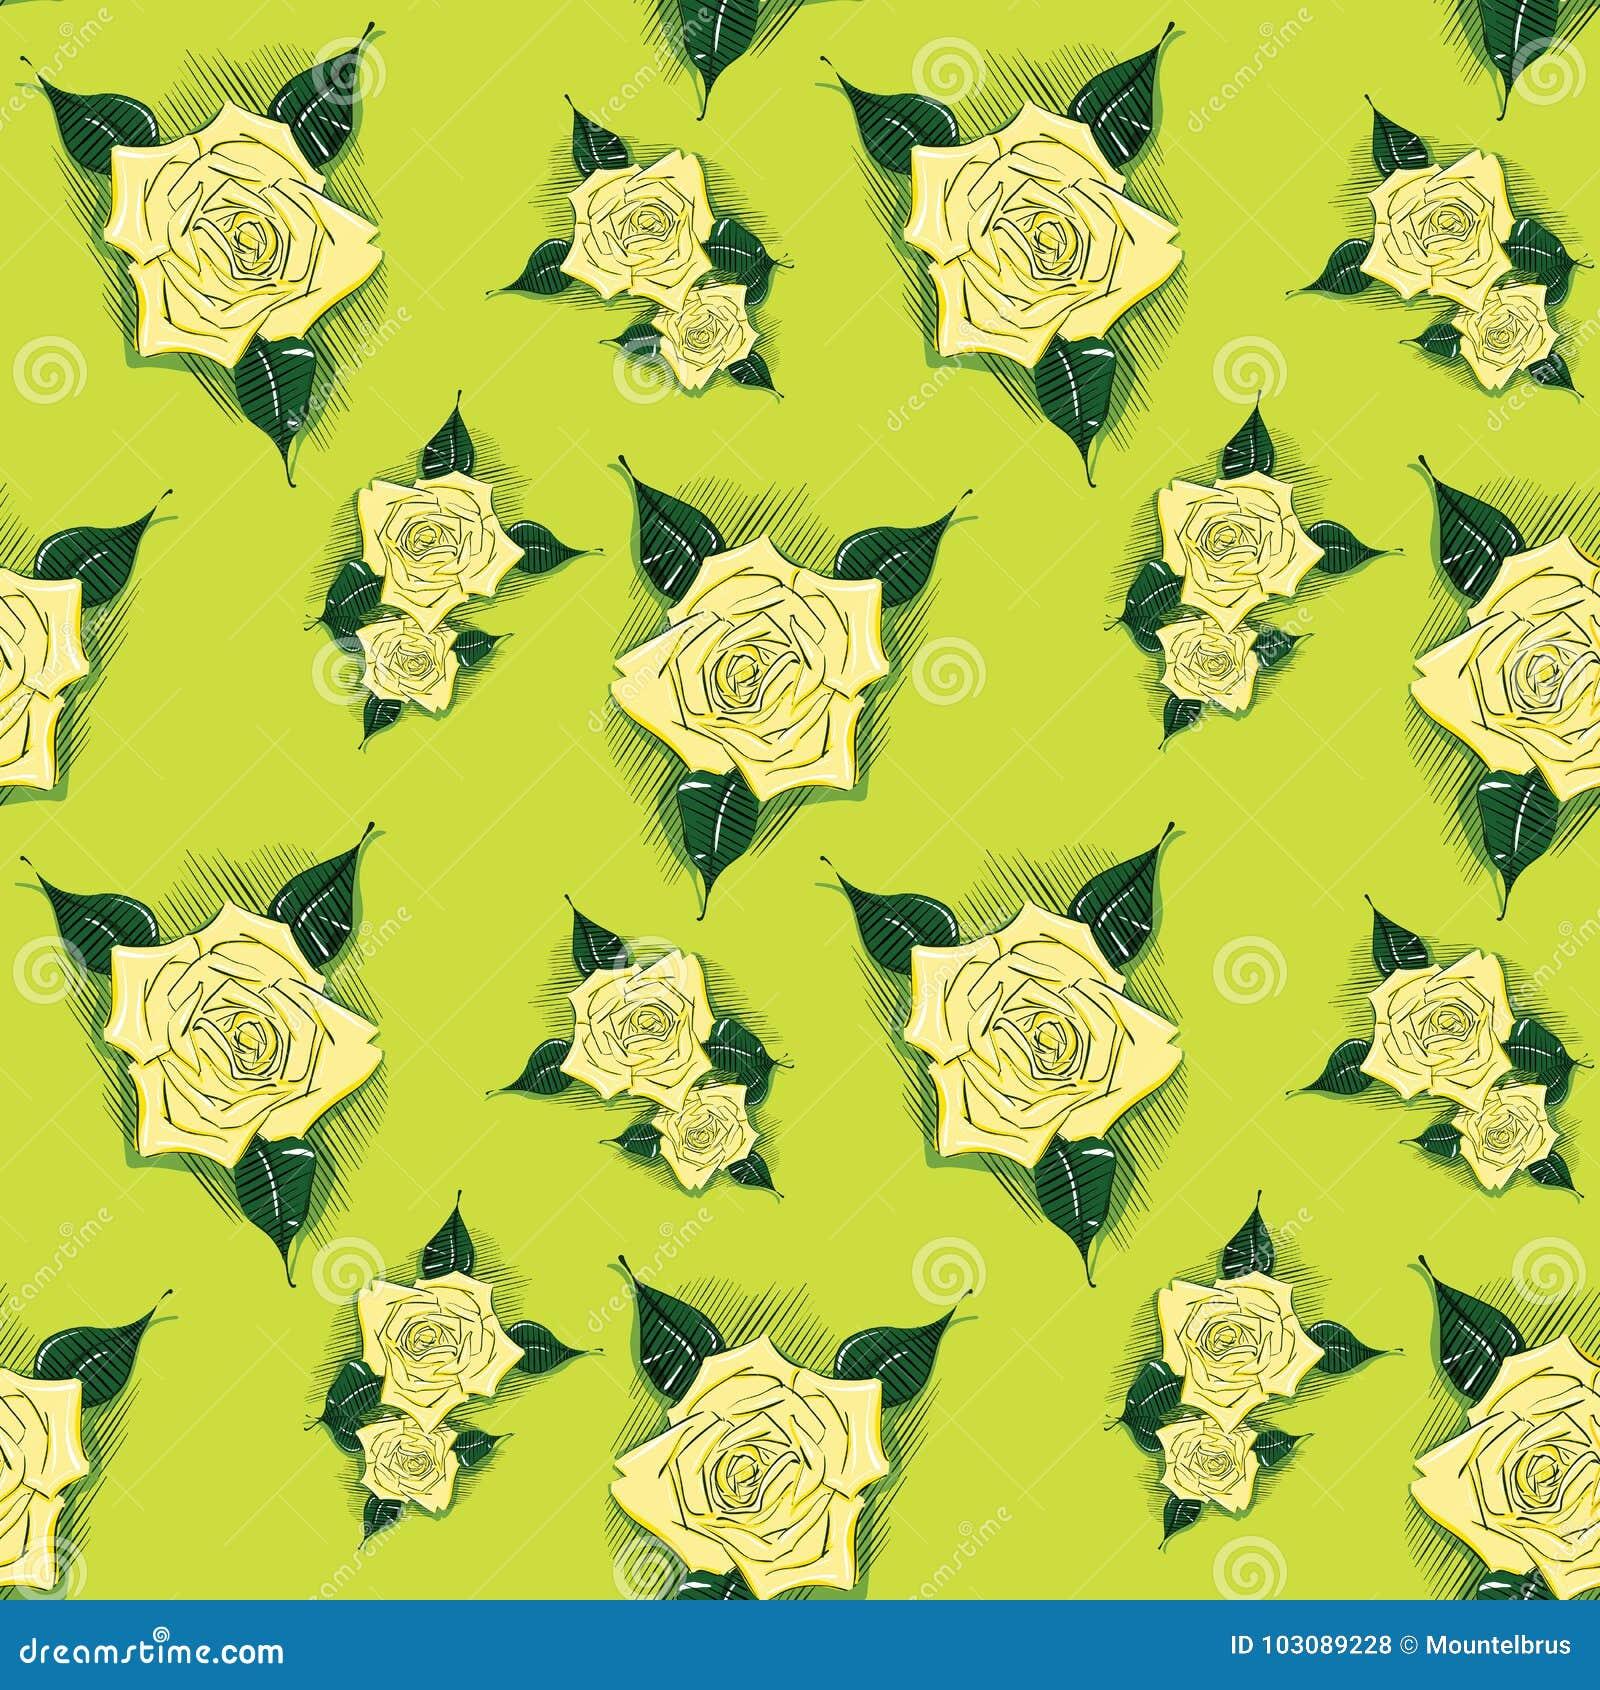 Ein nahtloser Hintergrund mit Rosen